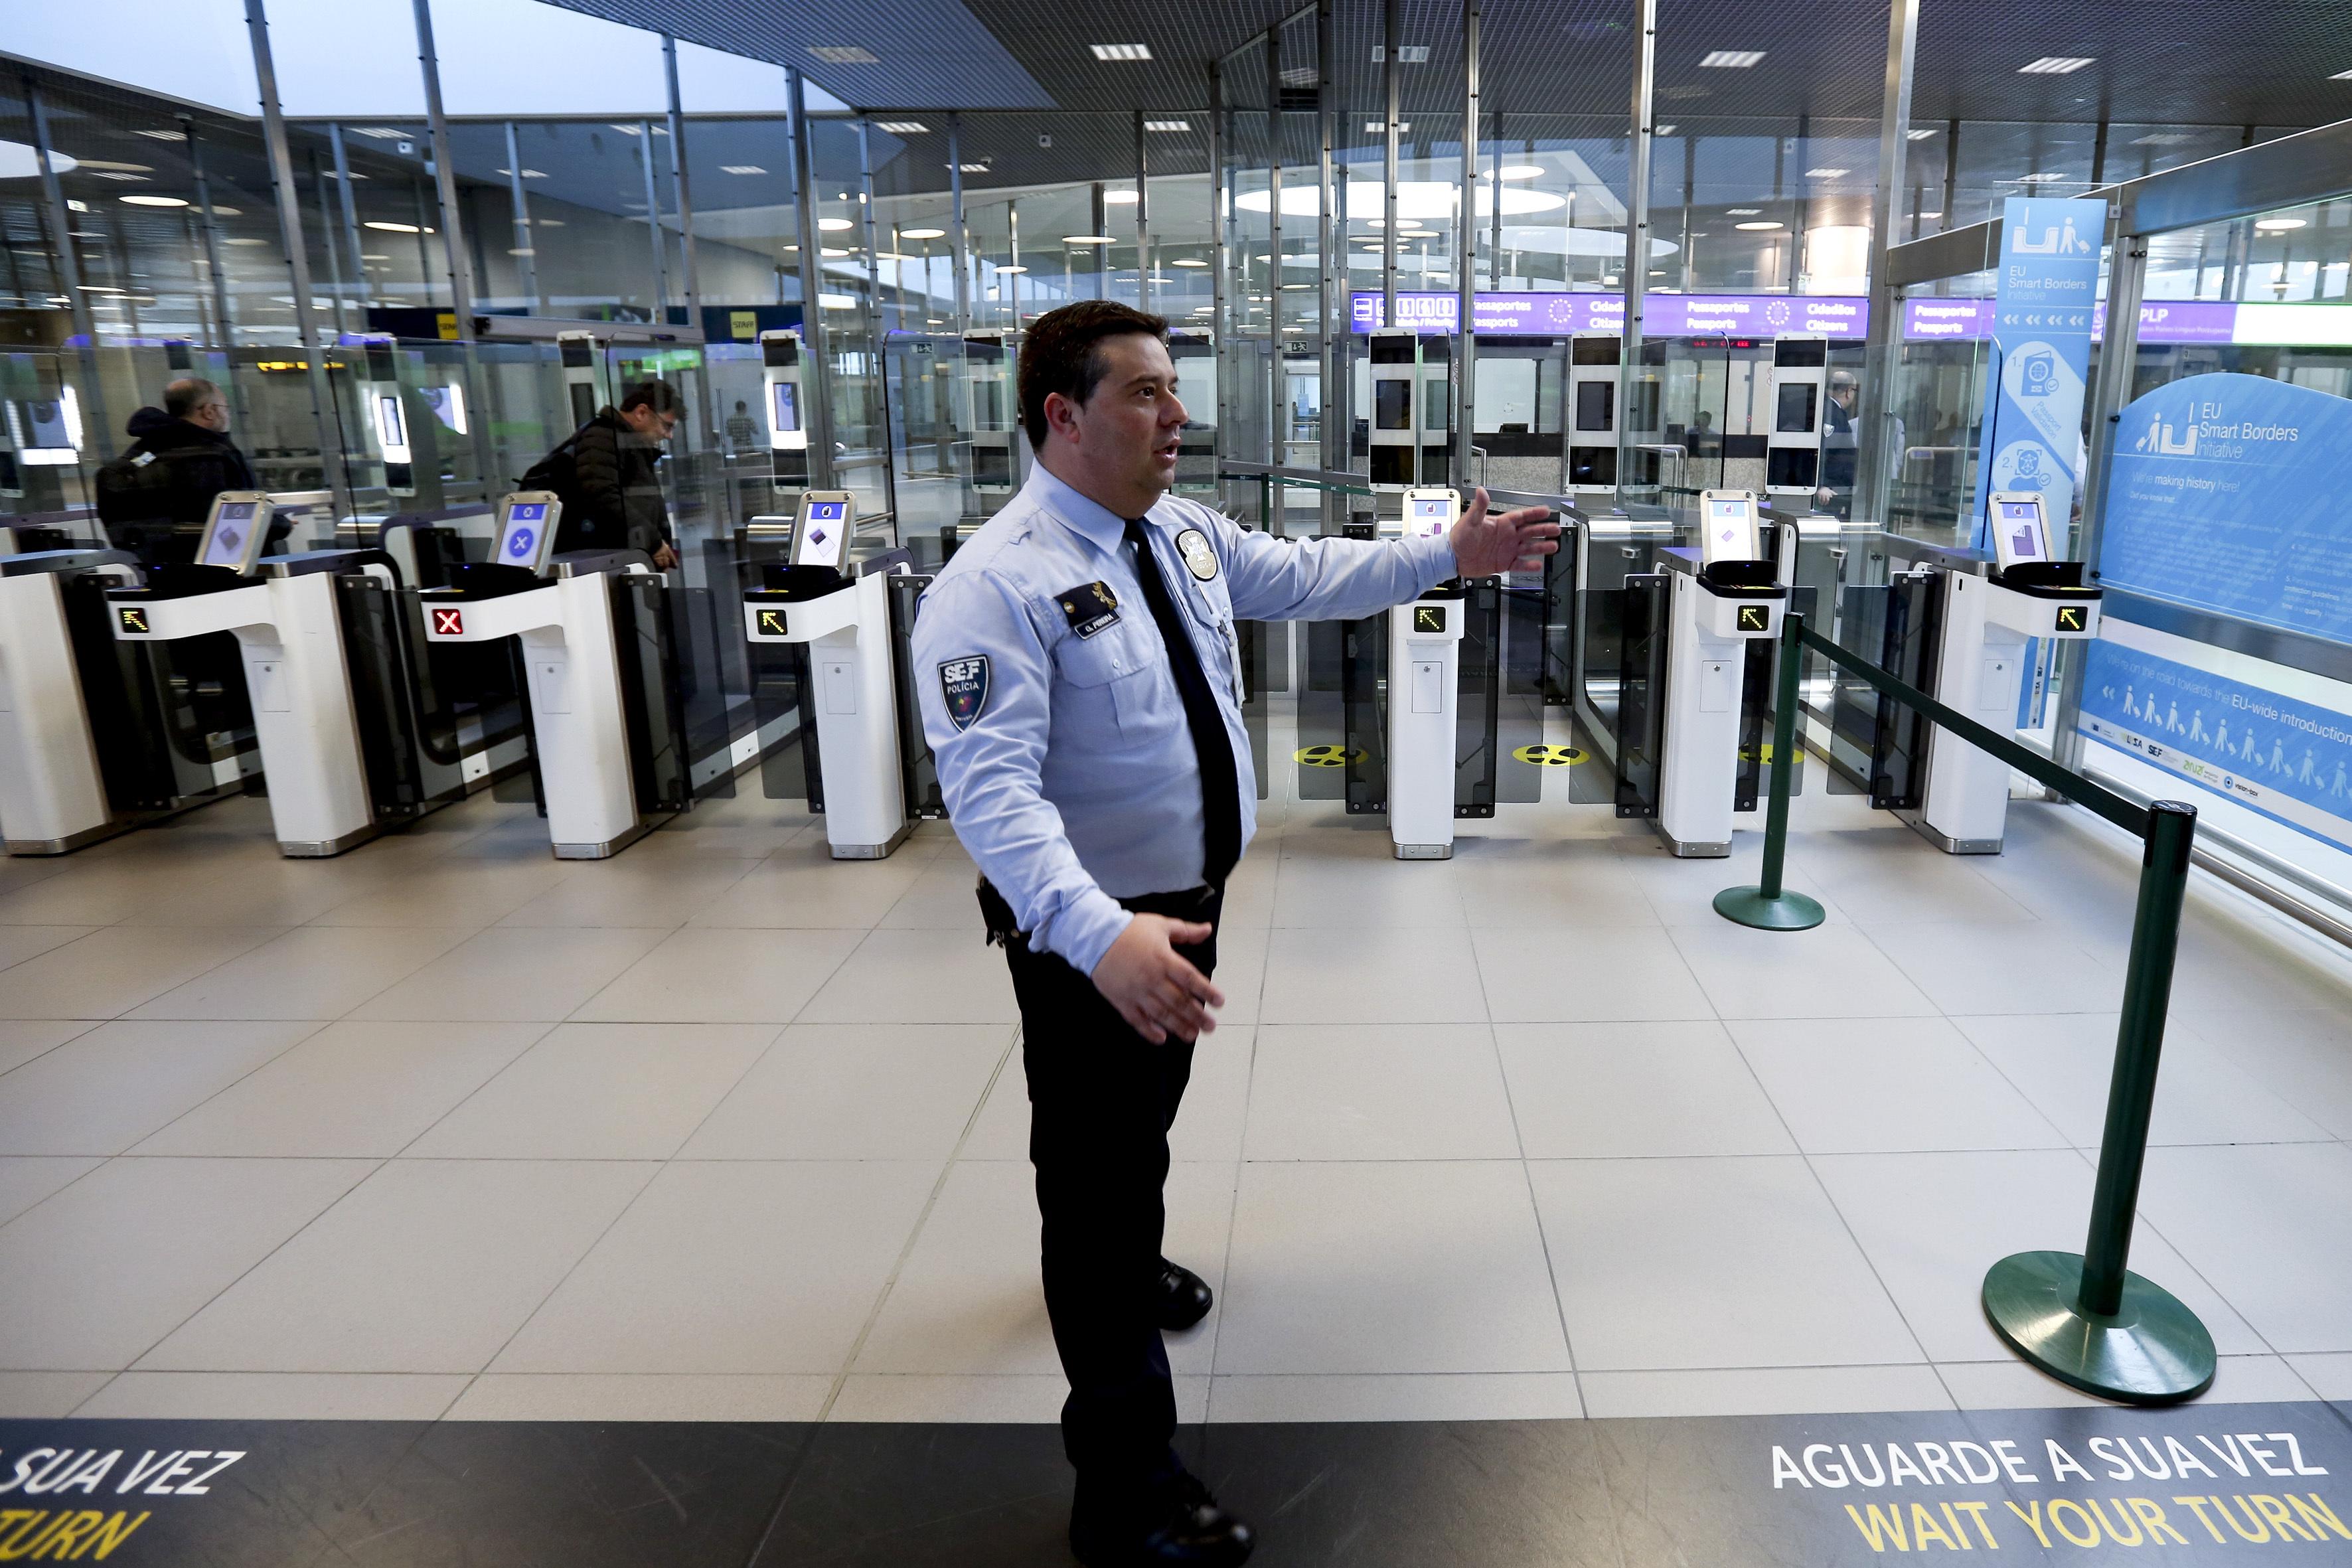 Aeroporto de Lisboa terá mais 45 inspetores do SEF em junho - Governo